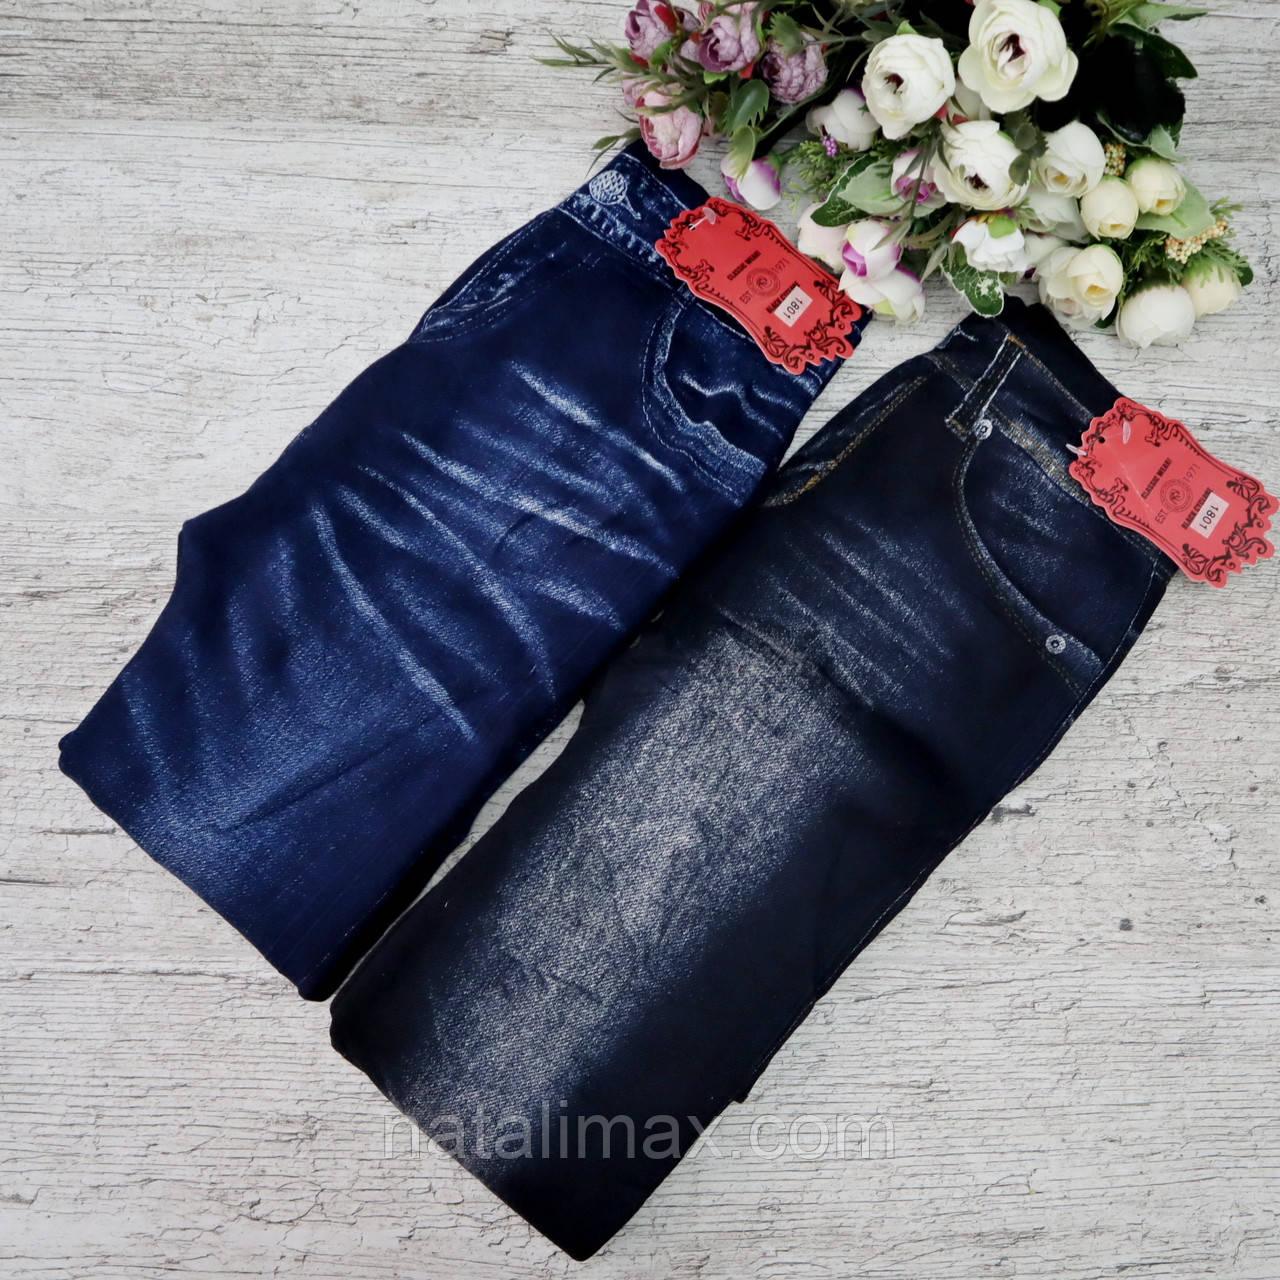 Леггинсы (джеггинсы) женские.  Леггинсы  и лосины женские  типа джинсов.